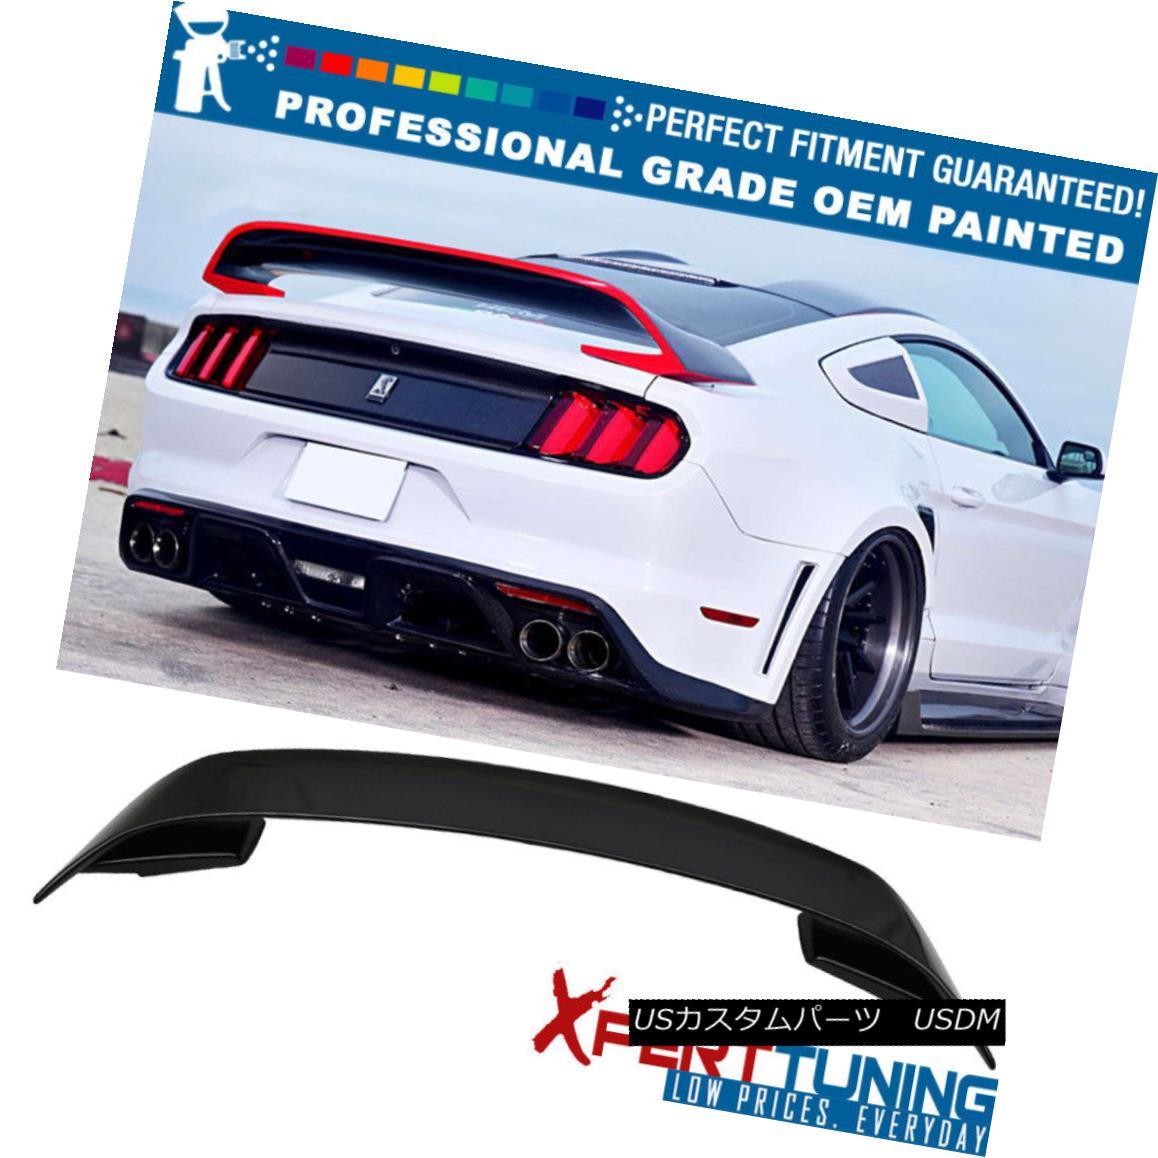 エアロパーツ 15-18 Ford Mustang GT350 V2 Painted Trunk Spoiler - OEM Painted Color 15-18フォードマスタングGT350 V2塗装トランクスポイラー - OEM塗装色